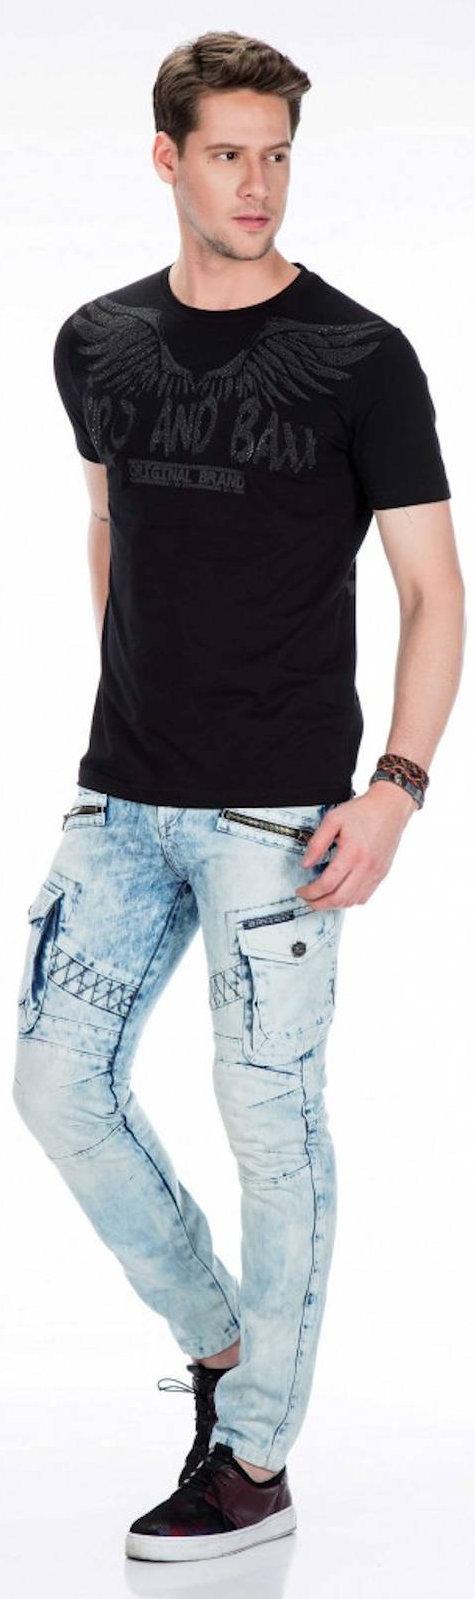 CIPO-amp-BAXX-Herren-Jeans-CD435-NEU-Hose-Slim-Fit-Enges-Bein-Denim Indexbild 5